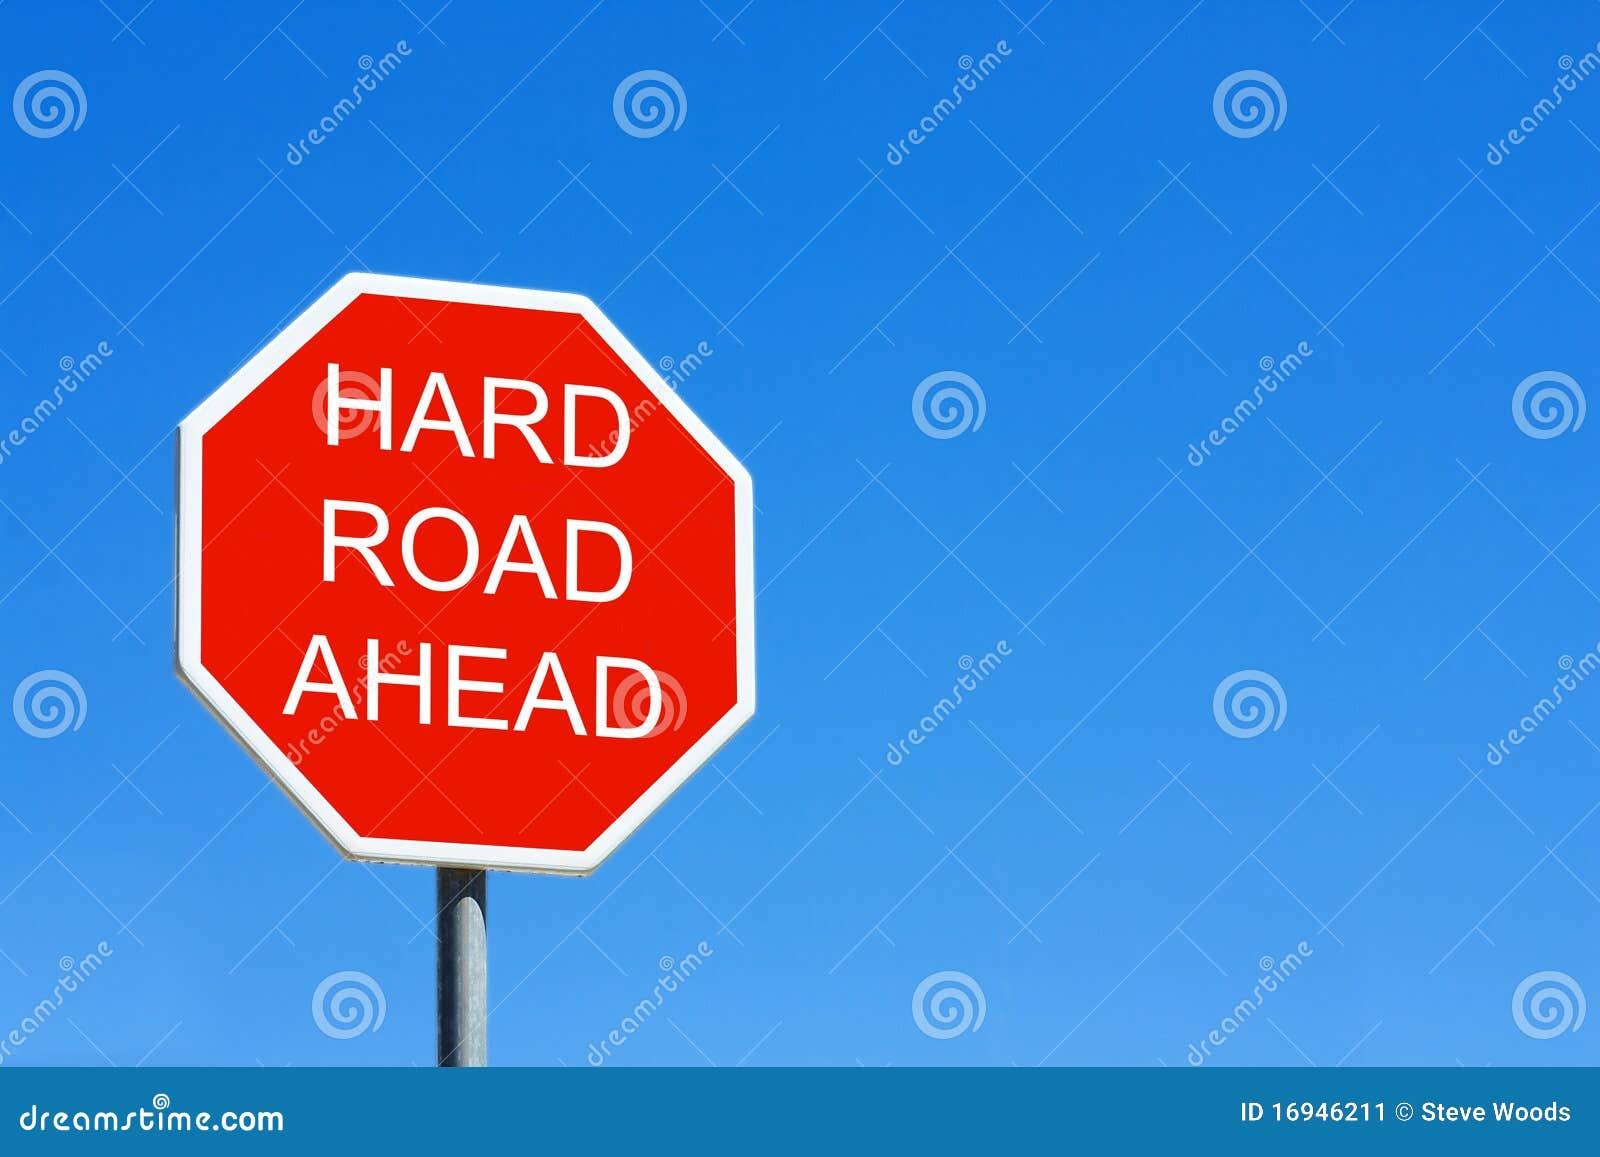 Framåt hård väg